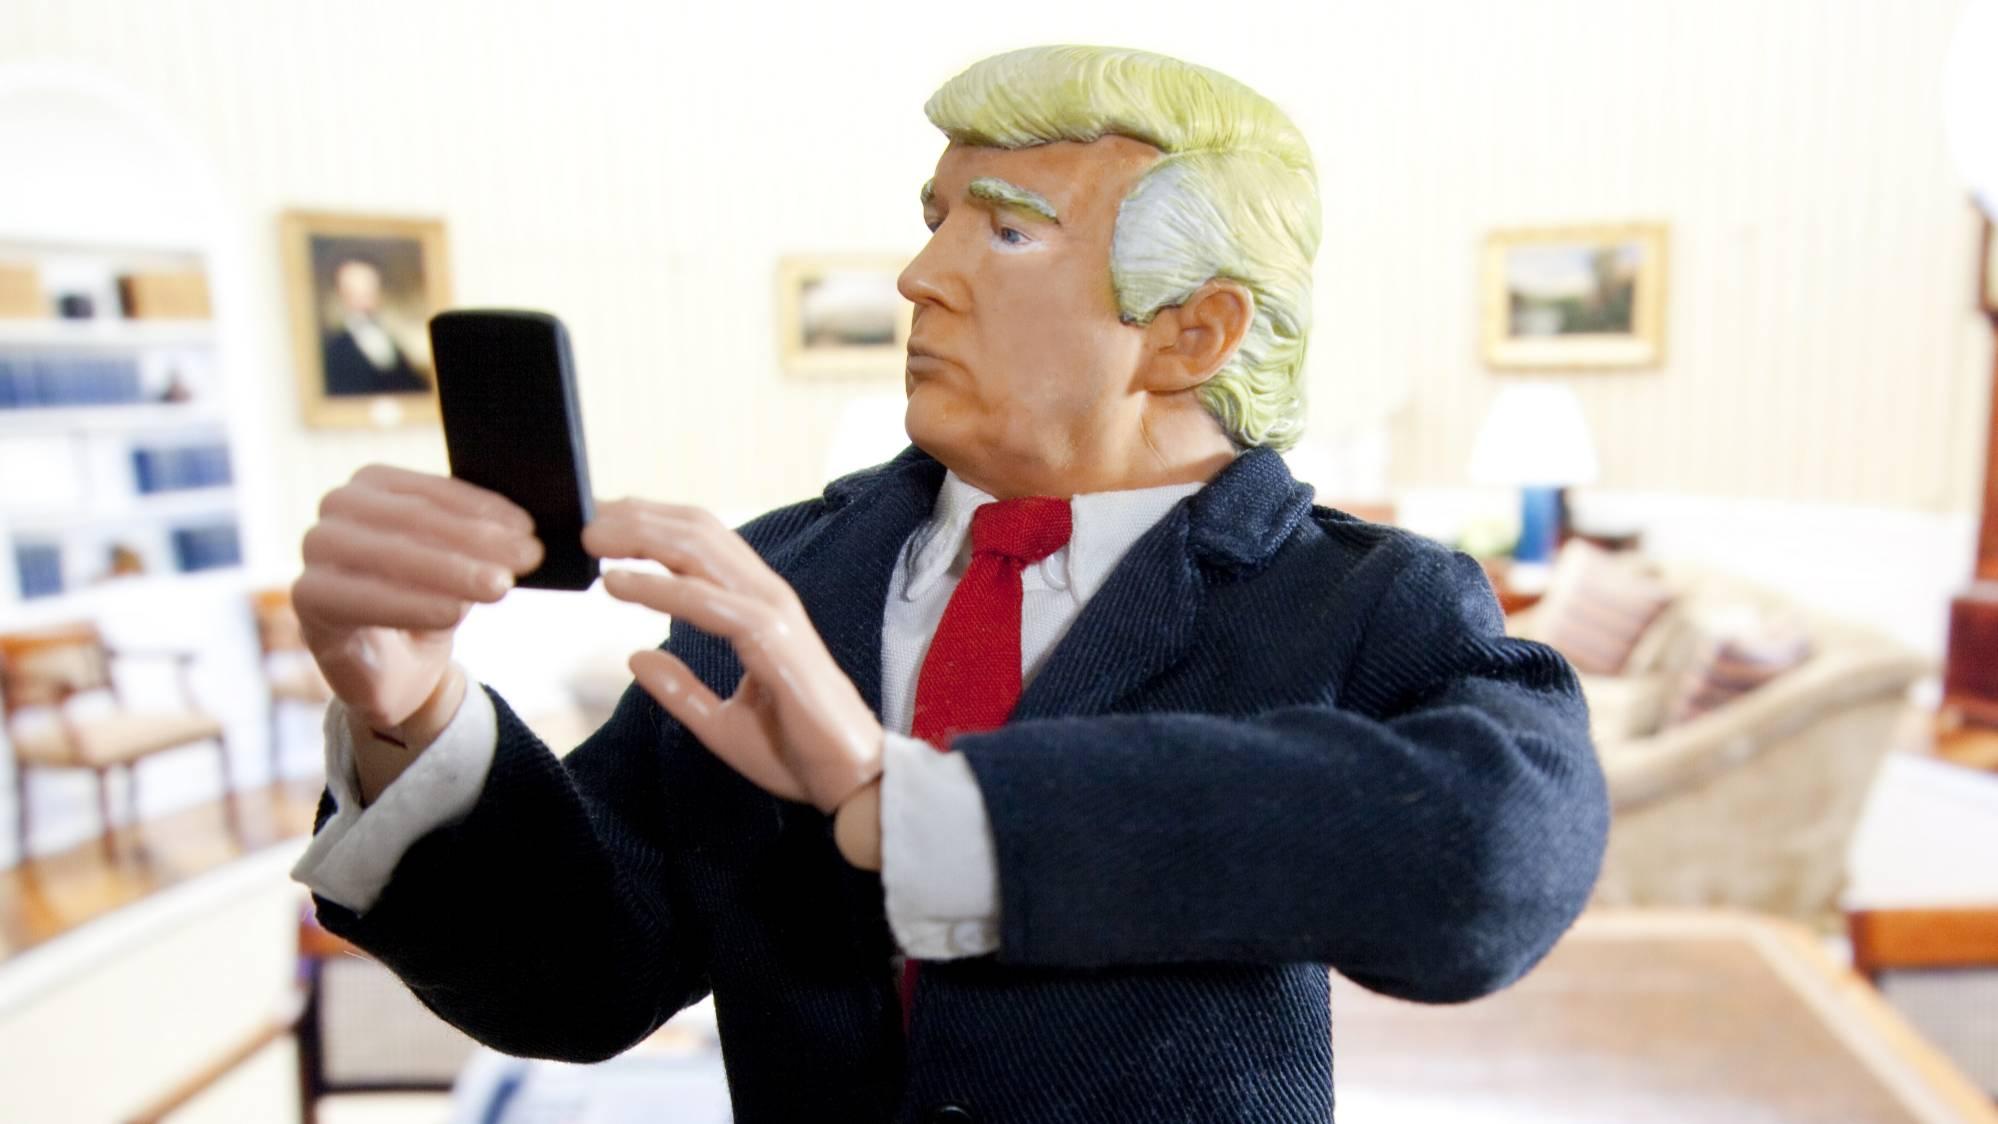 Король и шут Соединённых Штатов. В соцсетях глумятся и жалеют Дональда Трампа